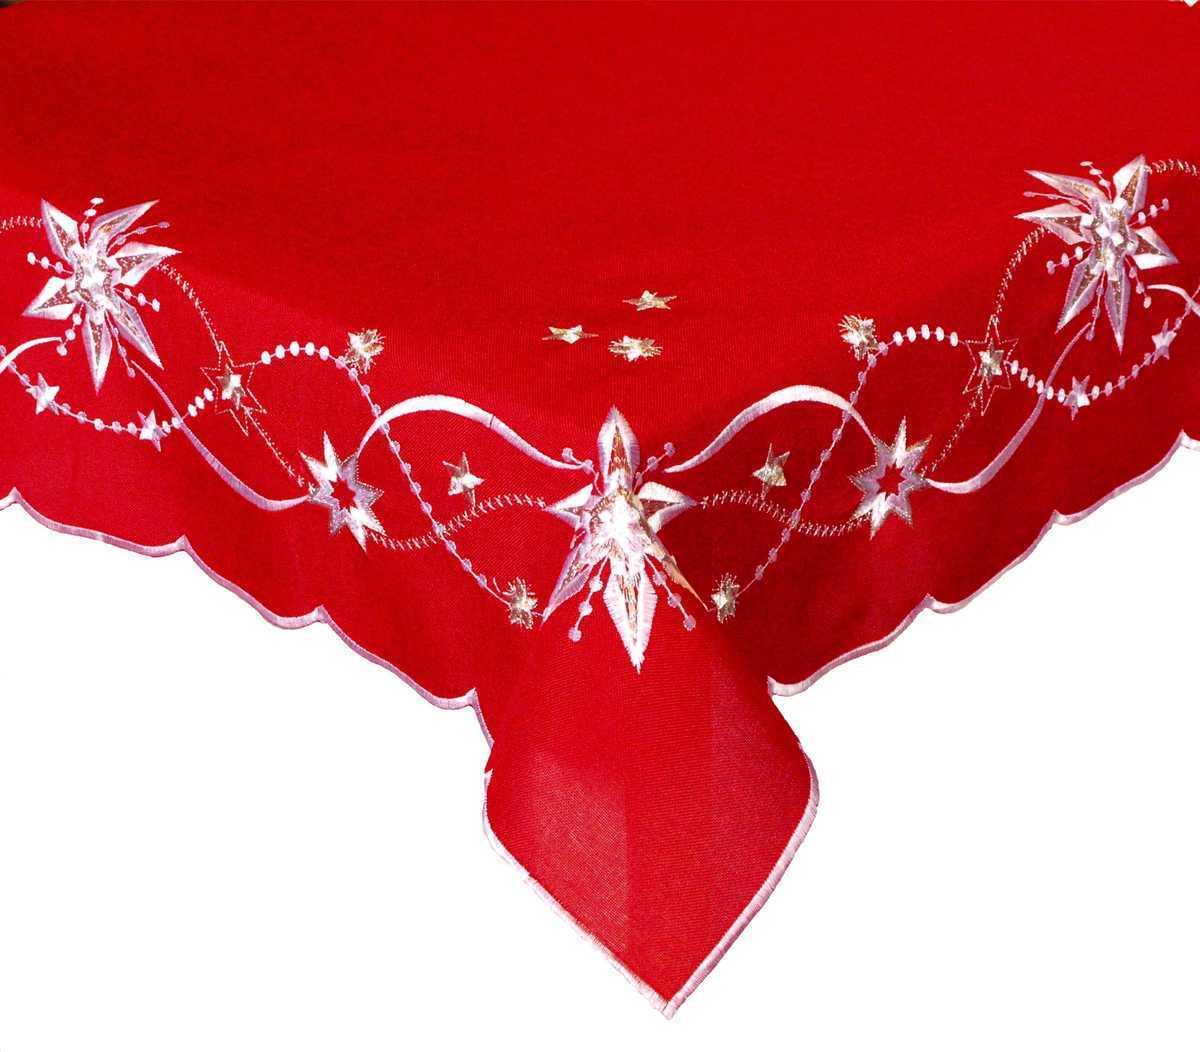 Forbyt, Vánoční ubrus, Korálová hvězda, červený 120 x 140cm